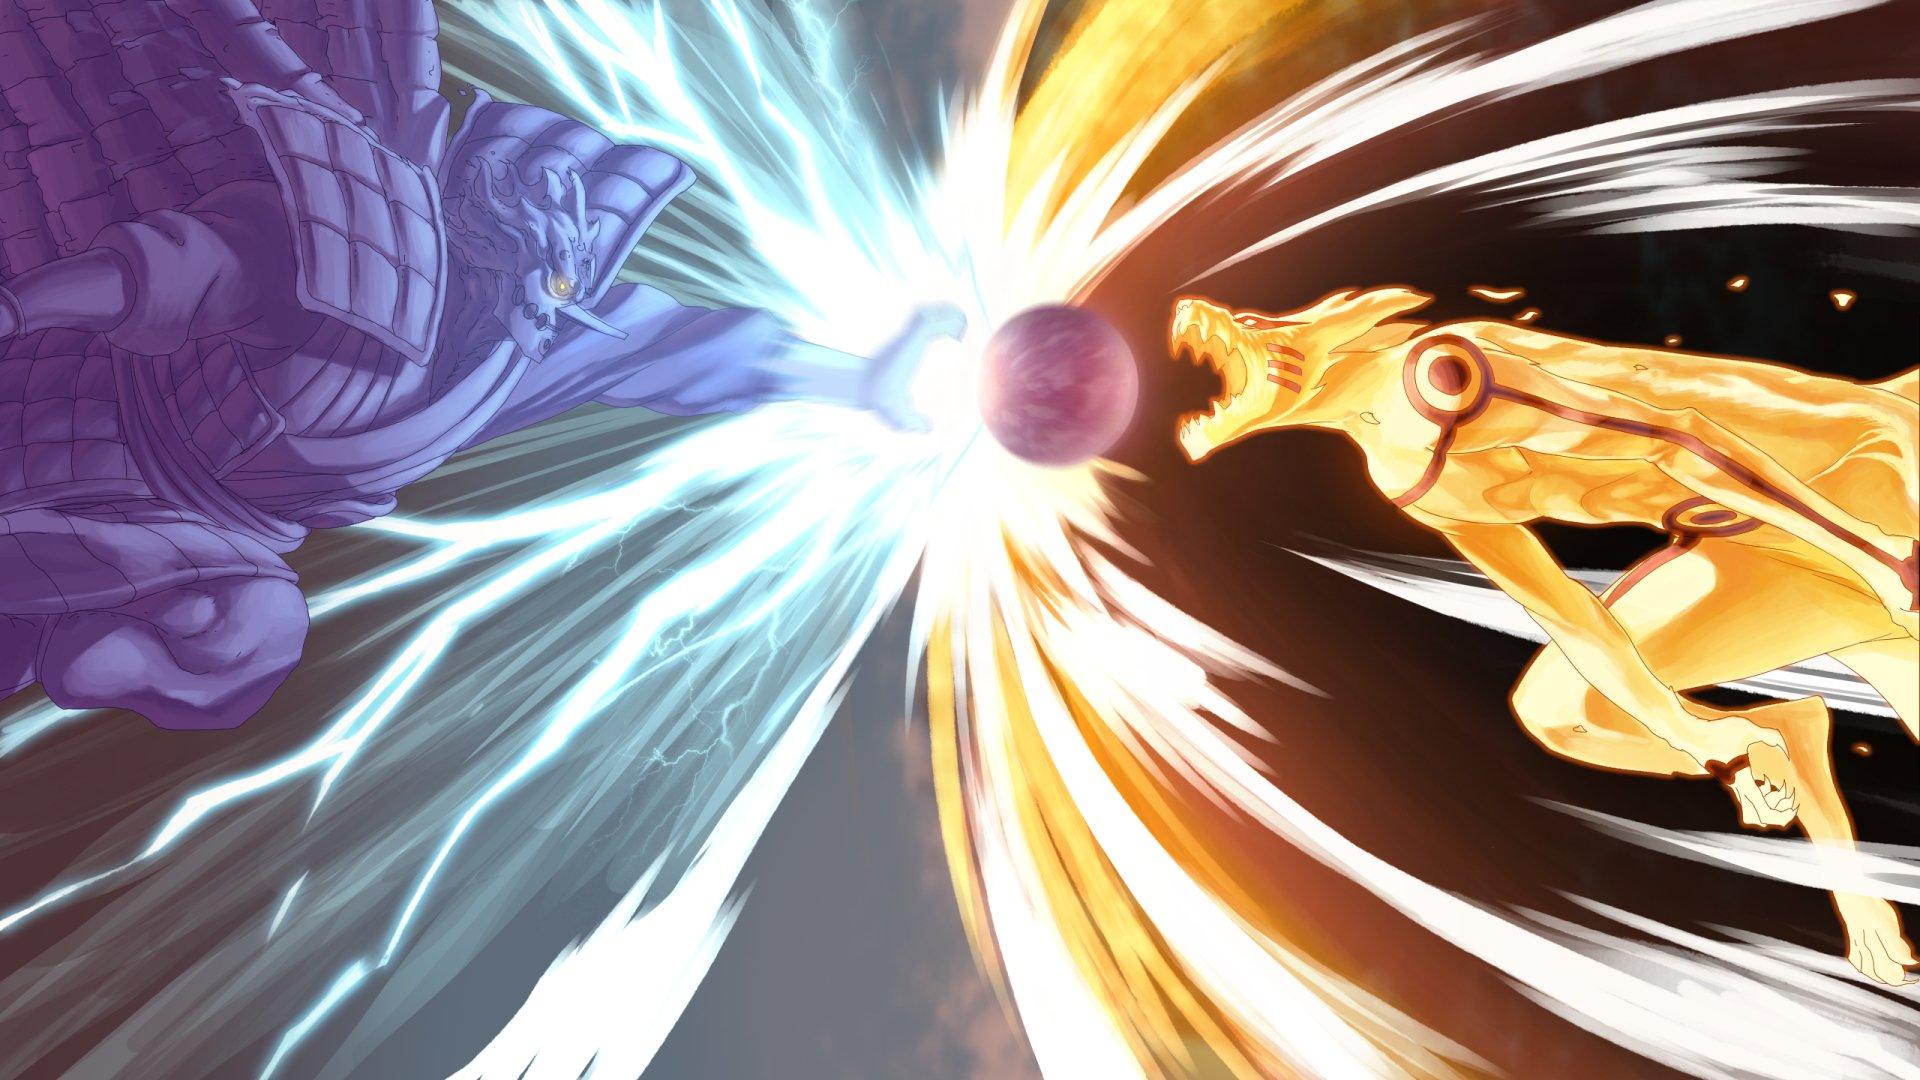 Anime - Naruto  Kurama (Naruto) Kyūbi (Naruto) Susanoo (Naruto) Ninja Anime Duvarkağıdı